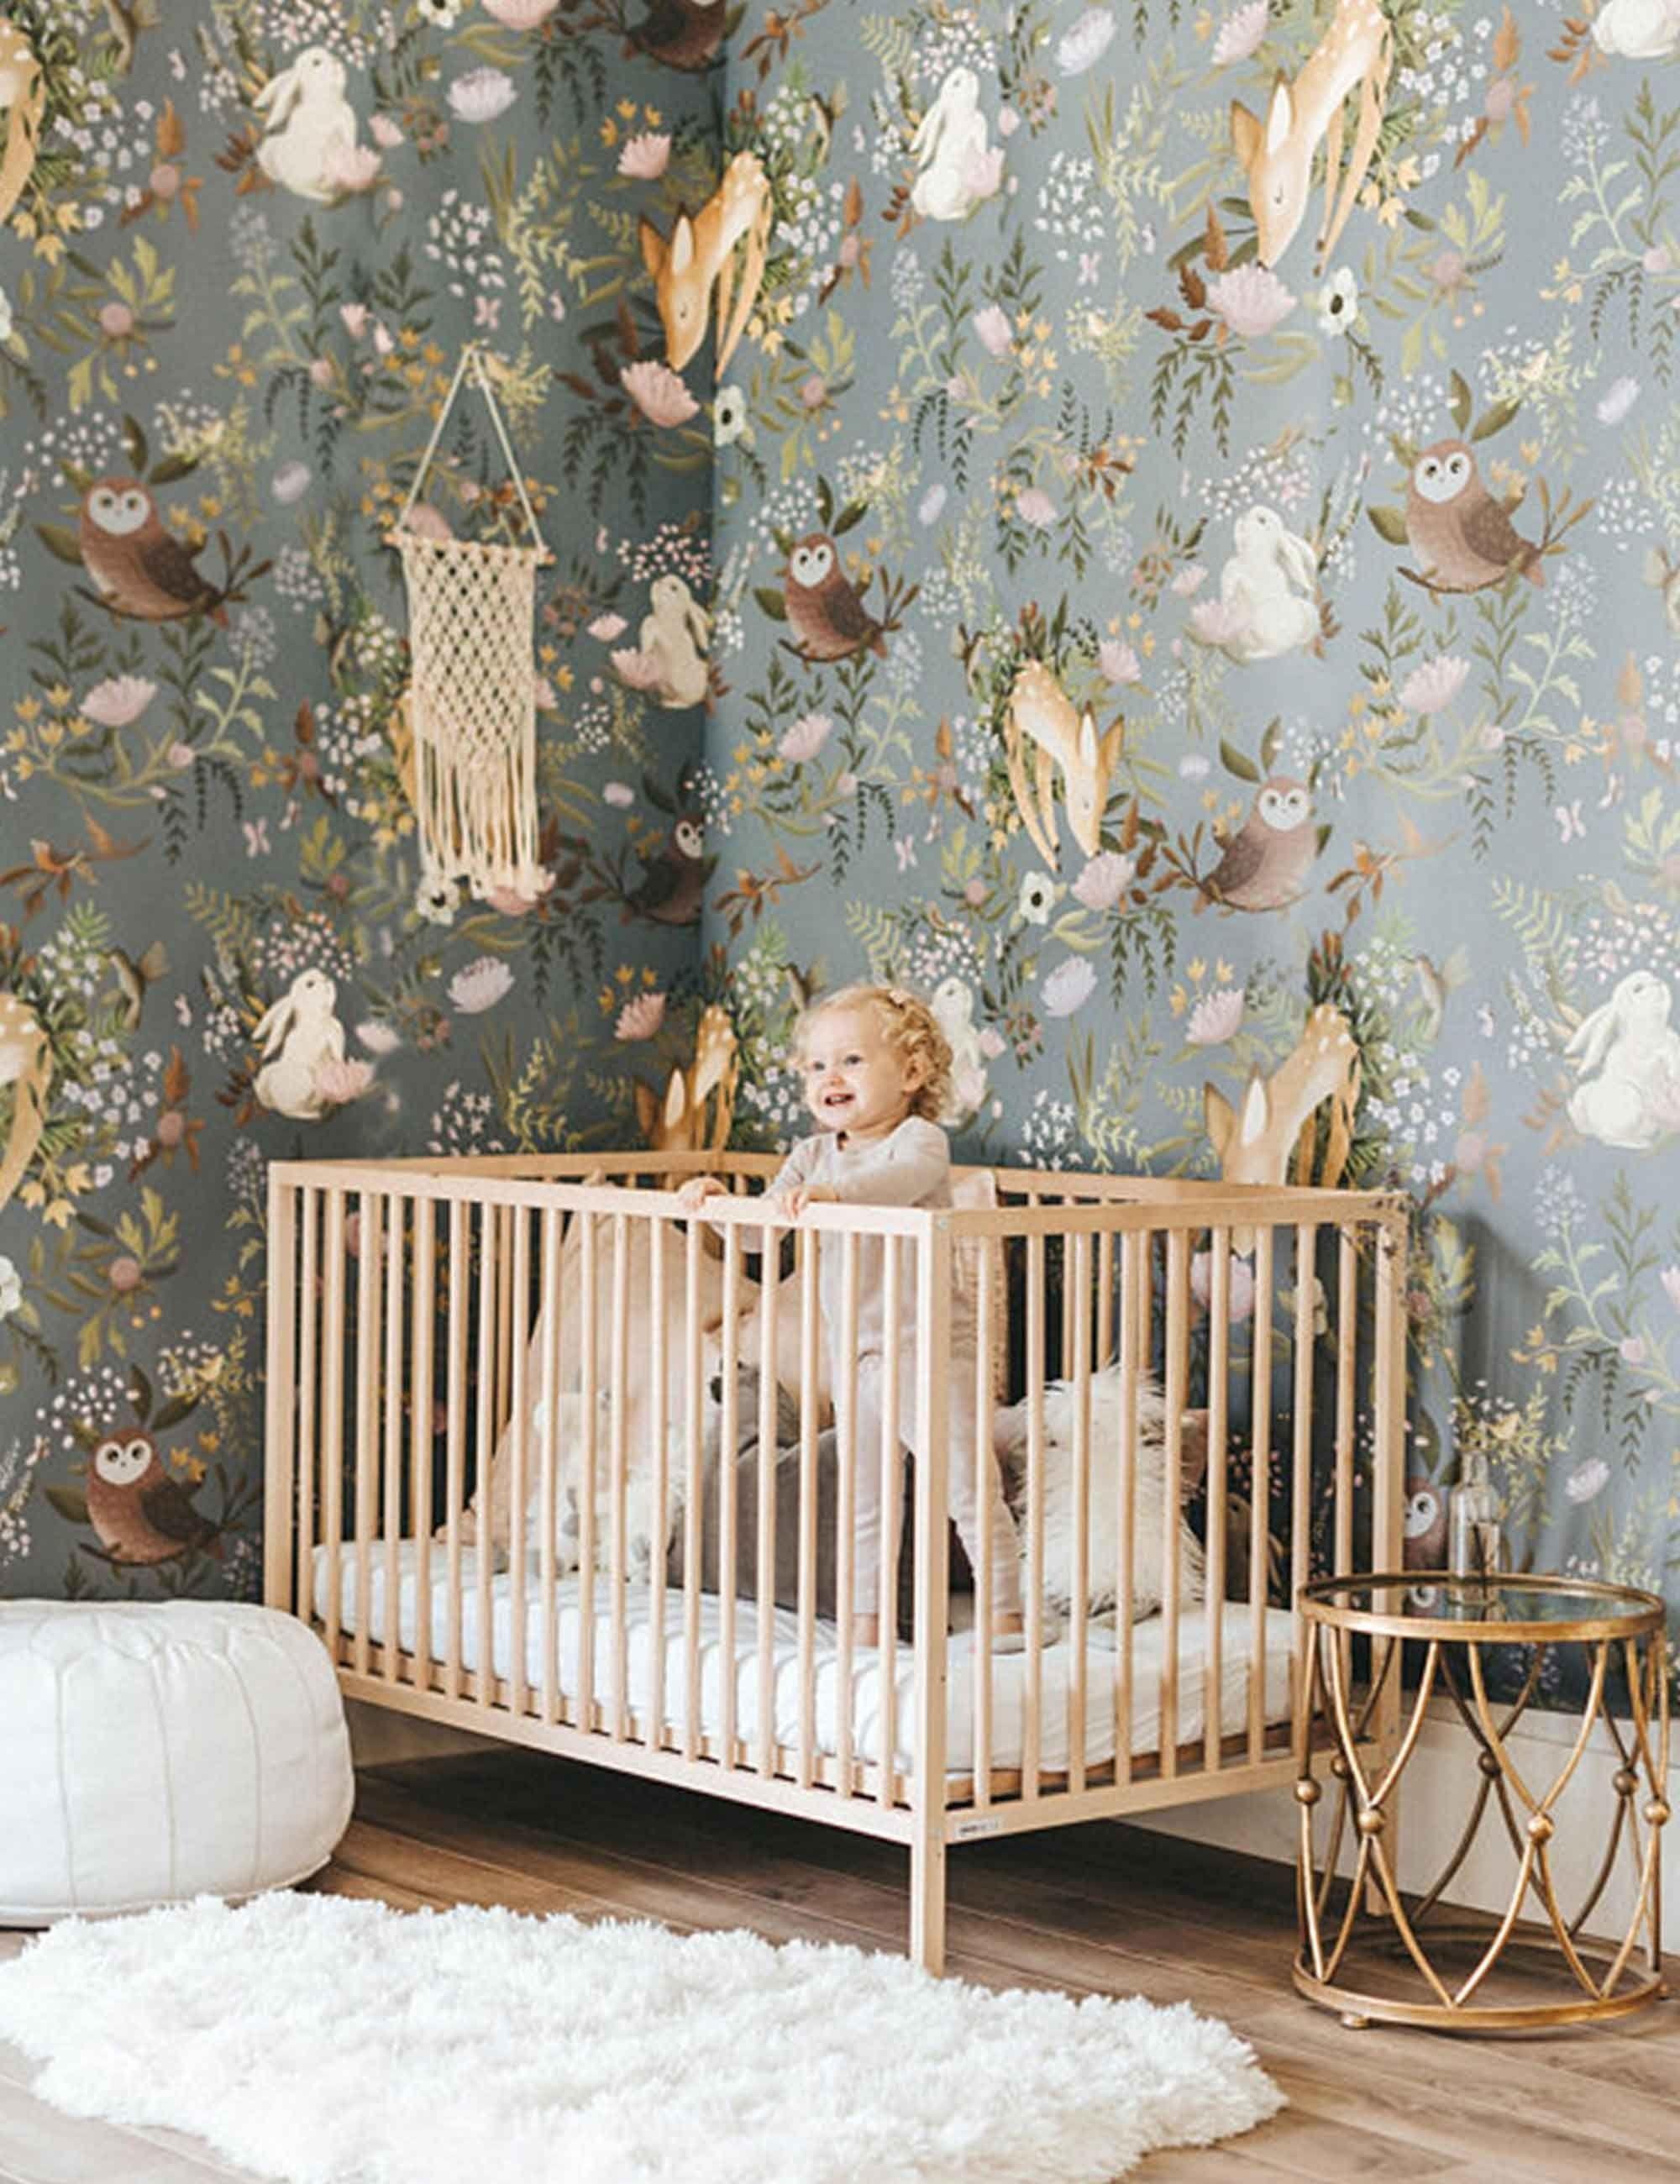 Anewall OH Deer Wallpaper Mural, Dark Anewall OH D